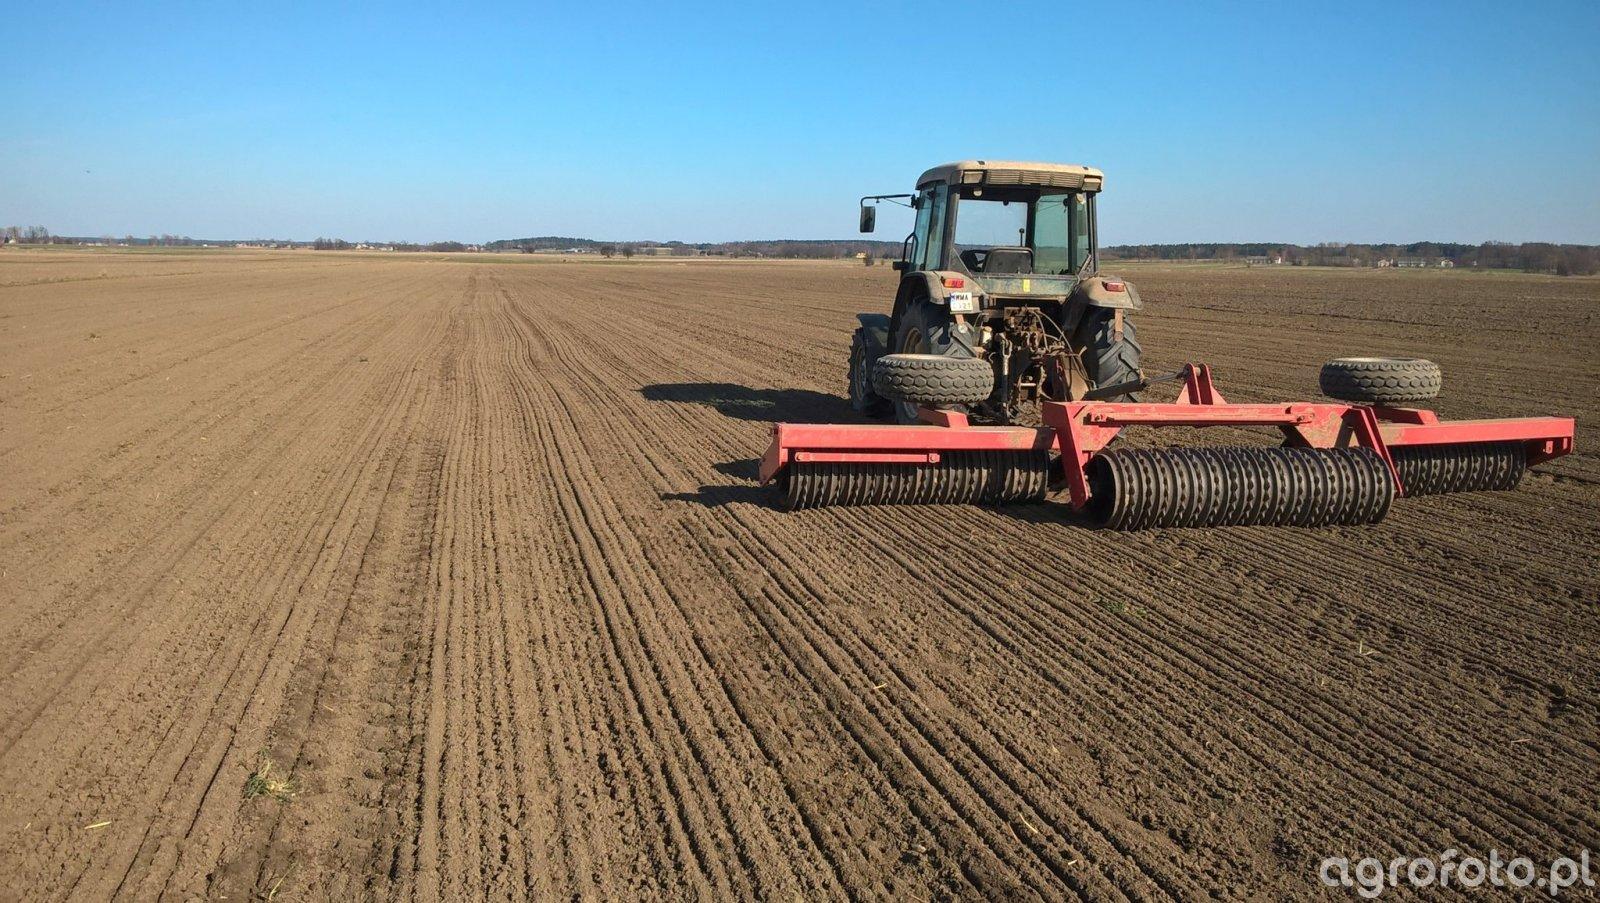 Wałowanie pola